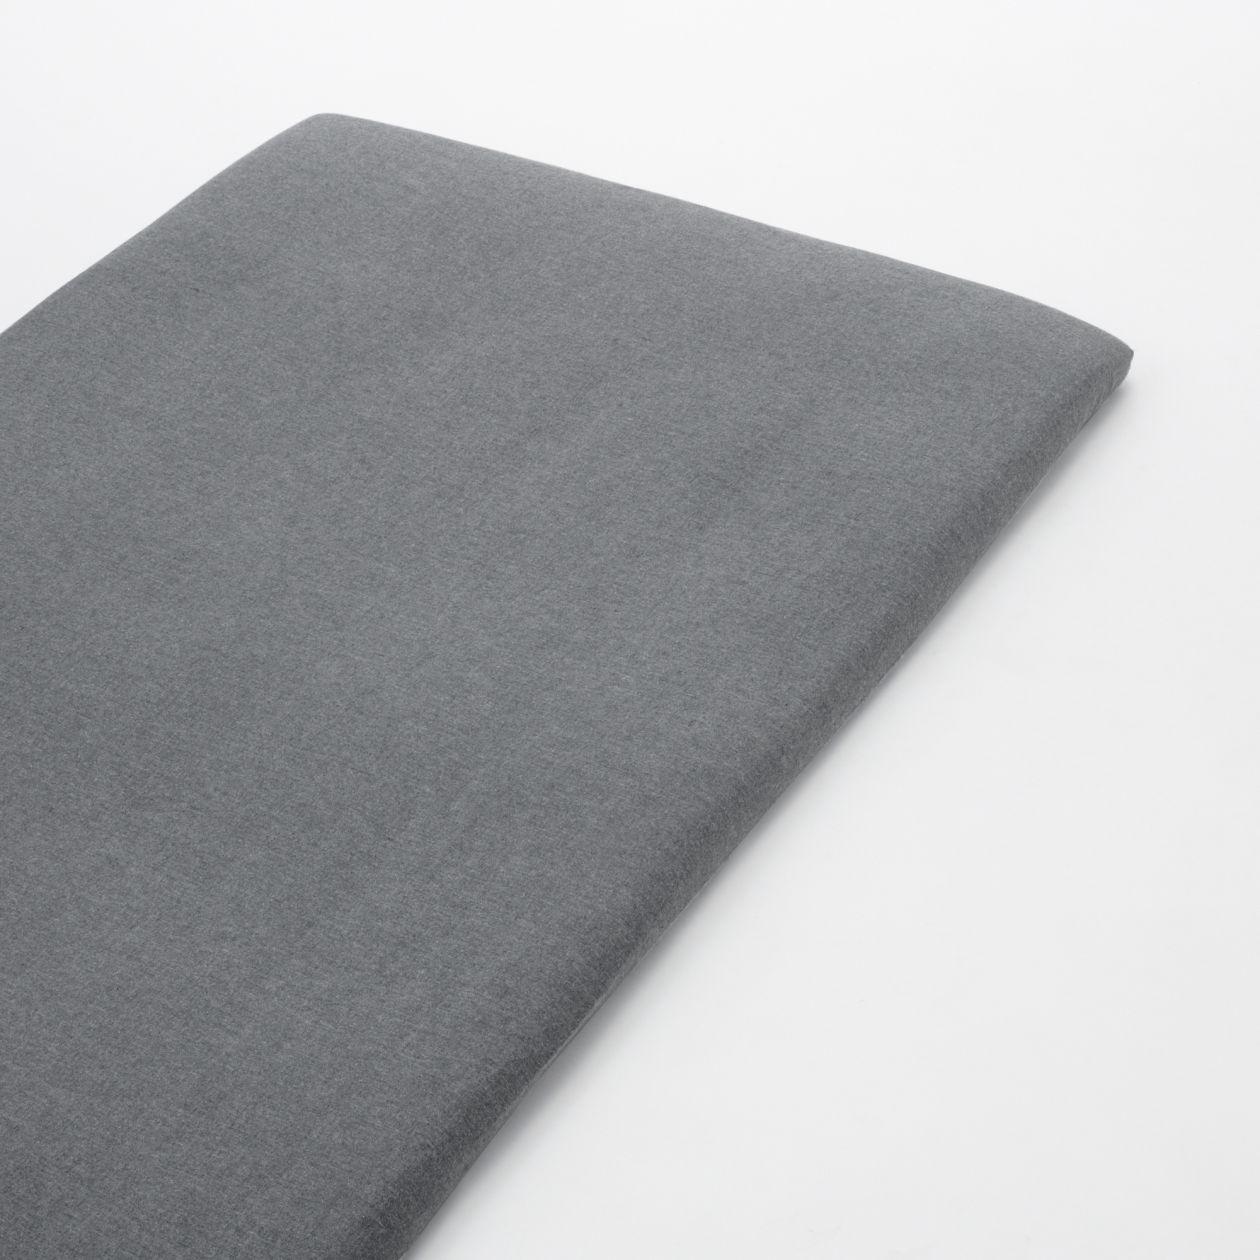 綿フランネル敷ふとんシーツ・ゴム付き・SD/杢グレー